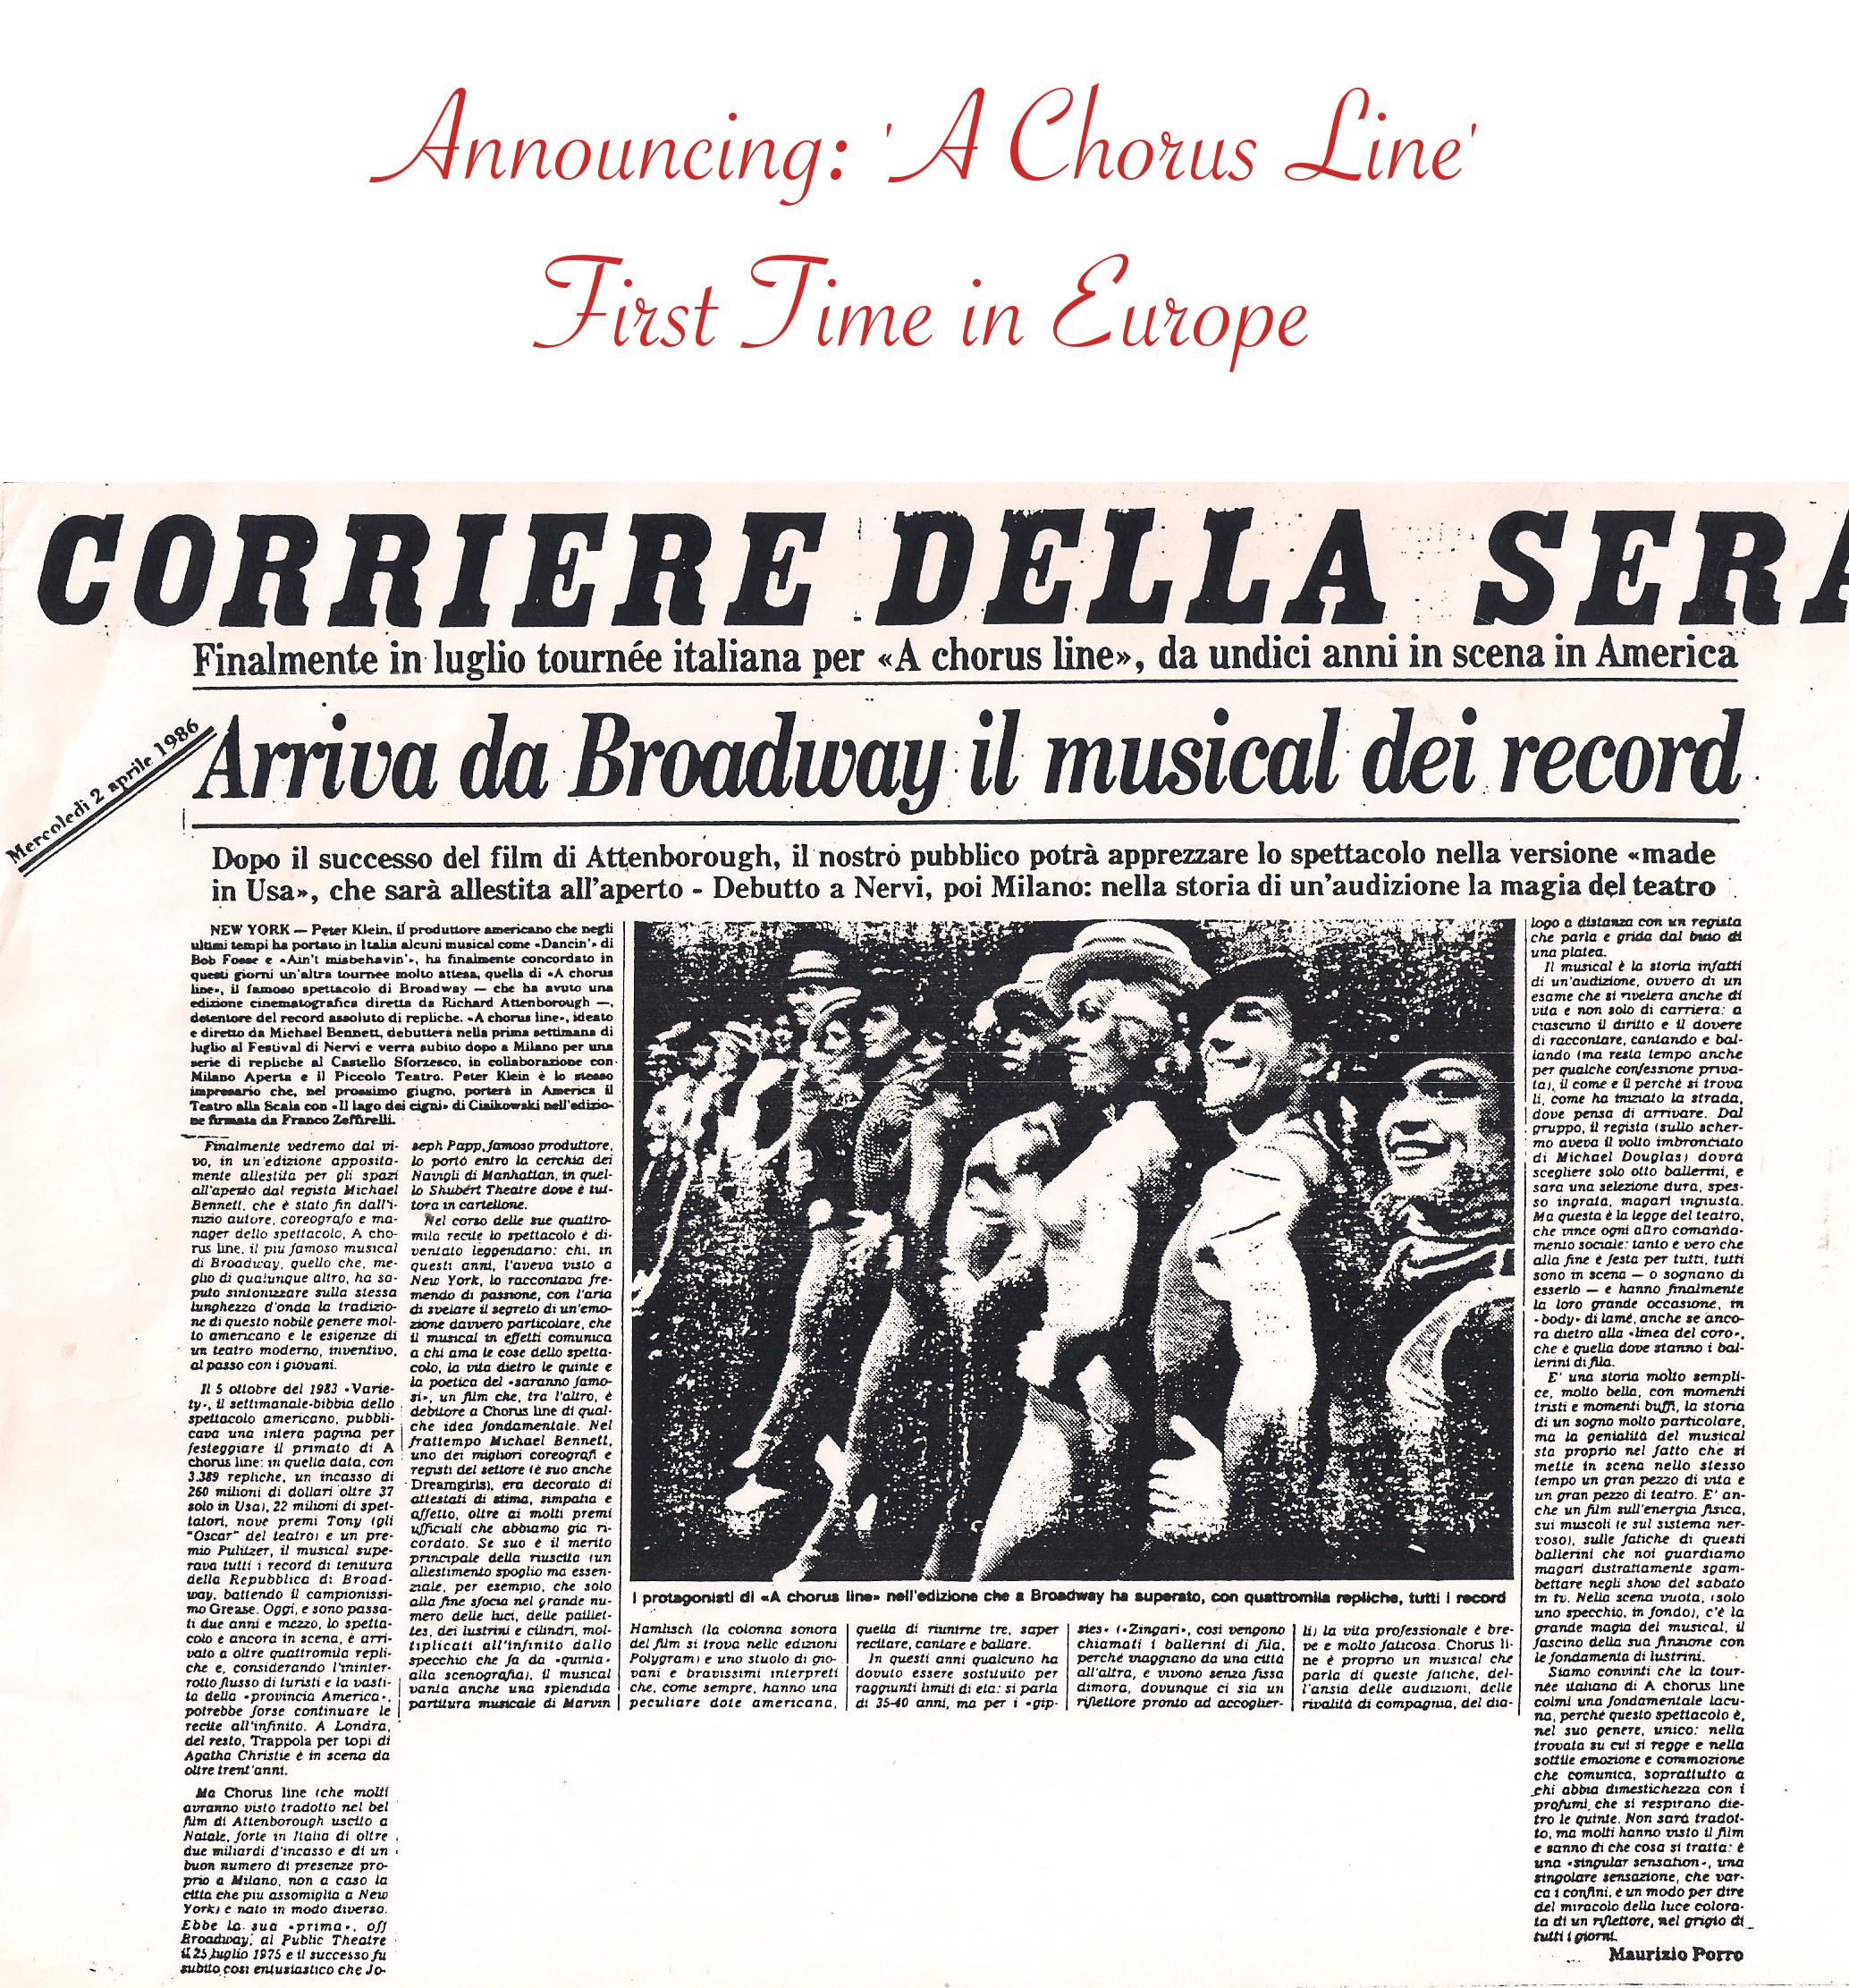 Corriere  A CHORUS LINE RED ver4.JPG